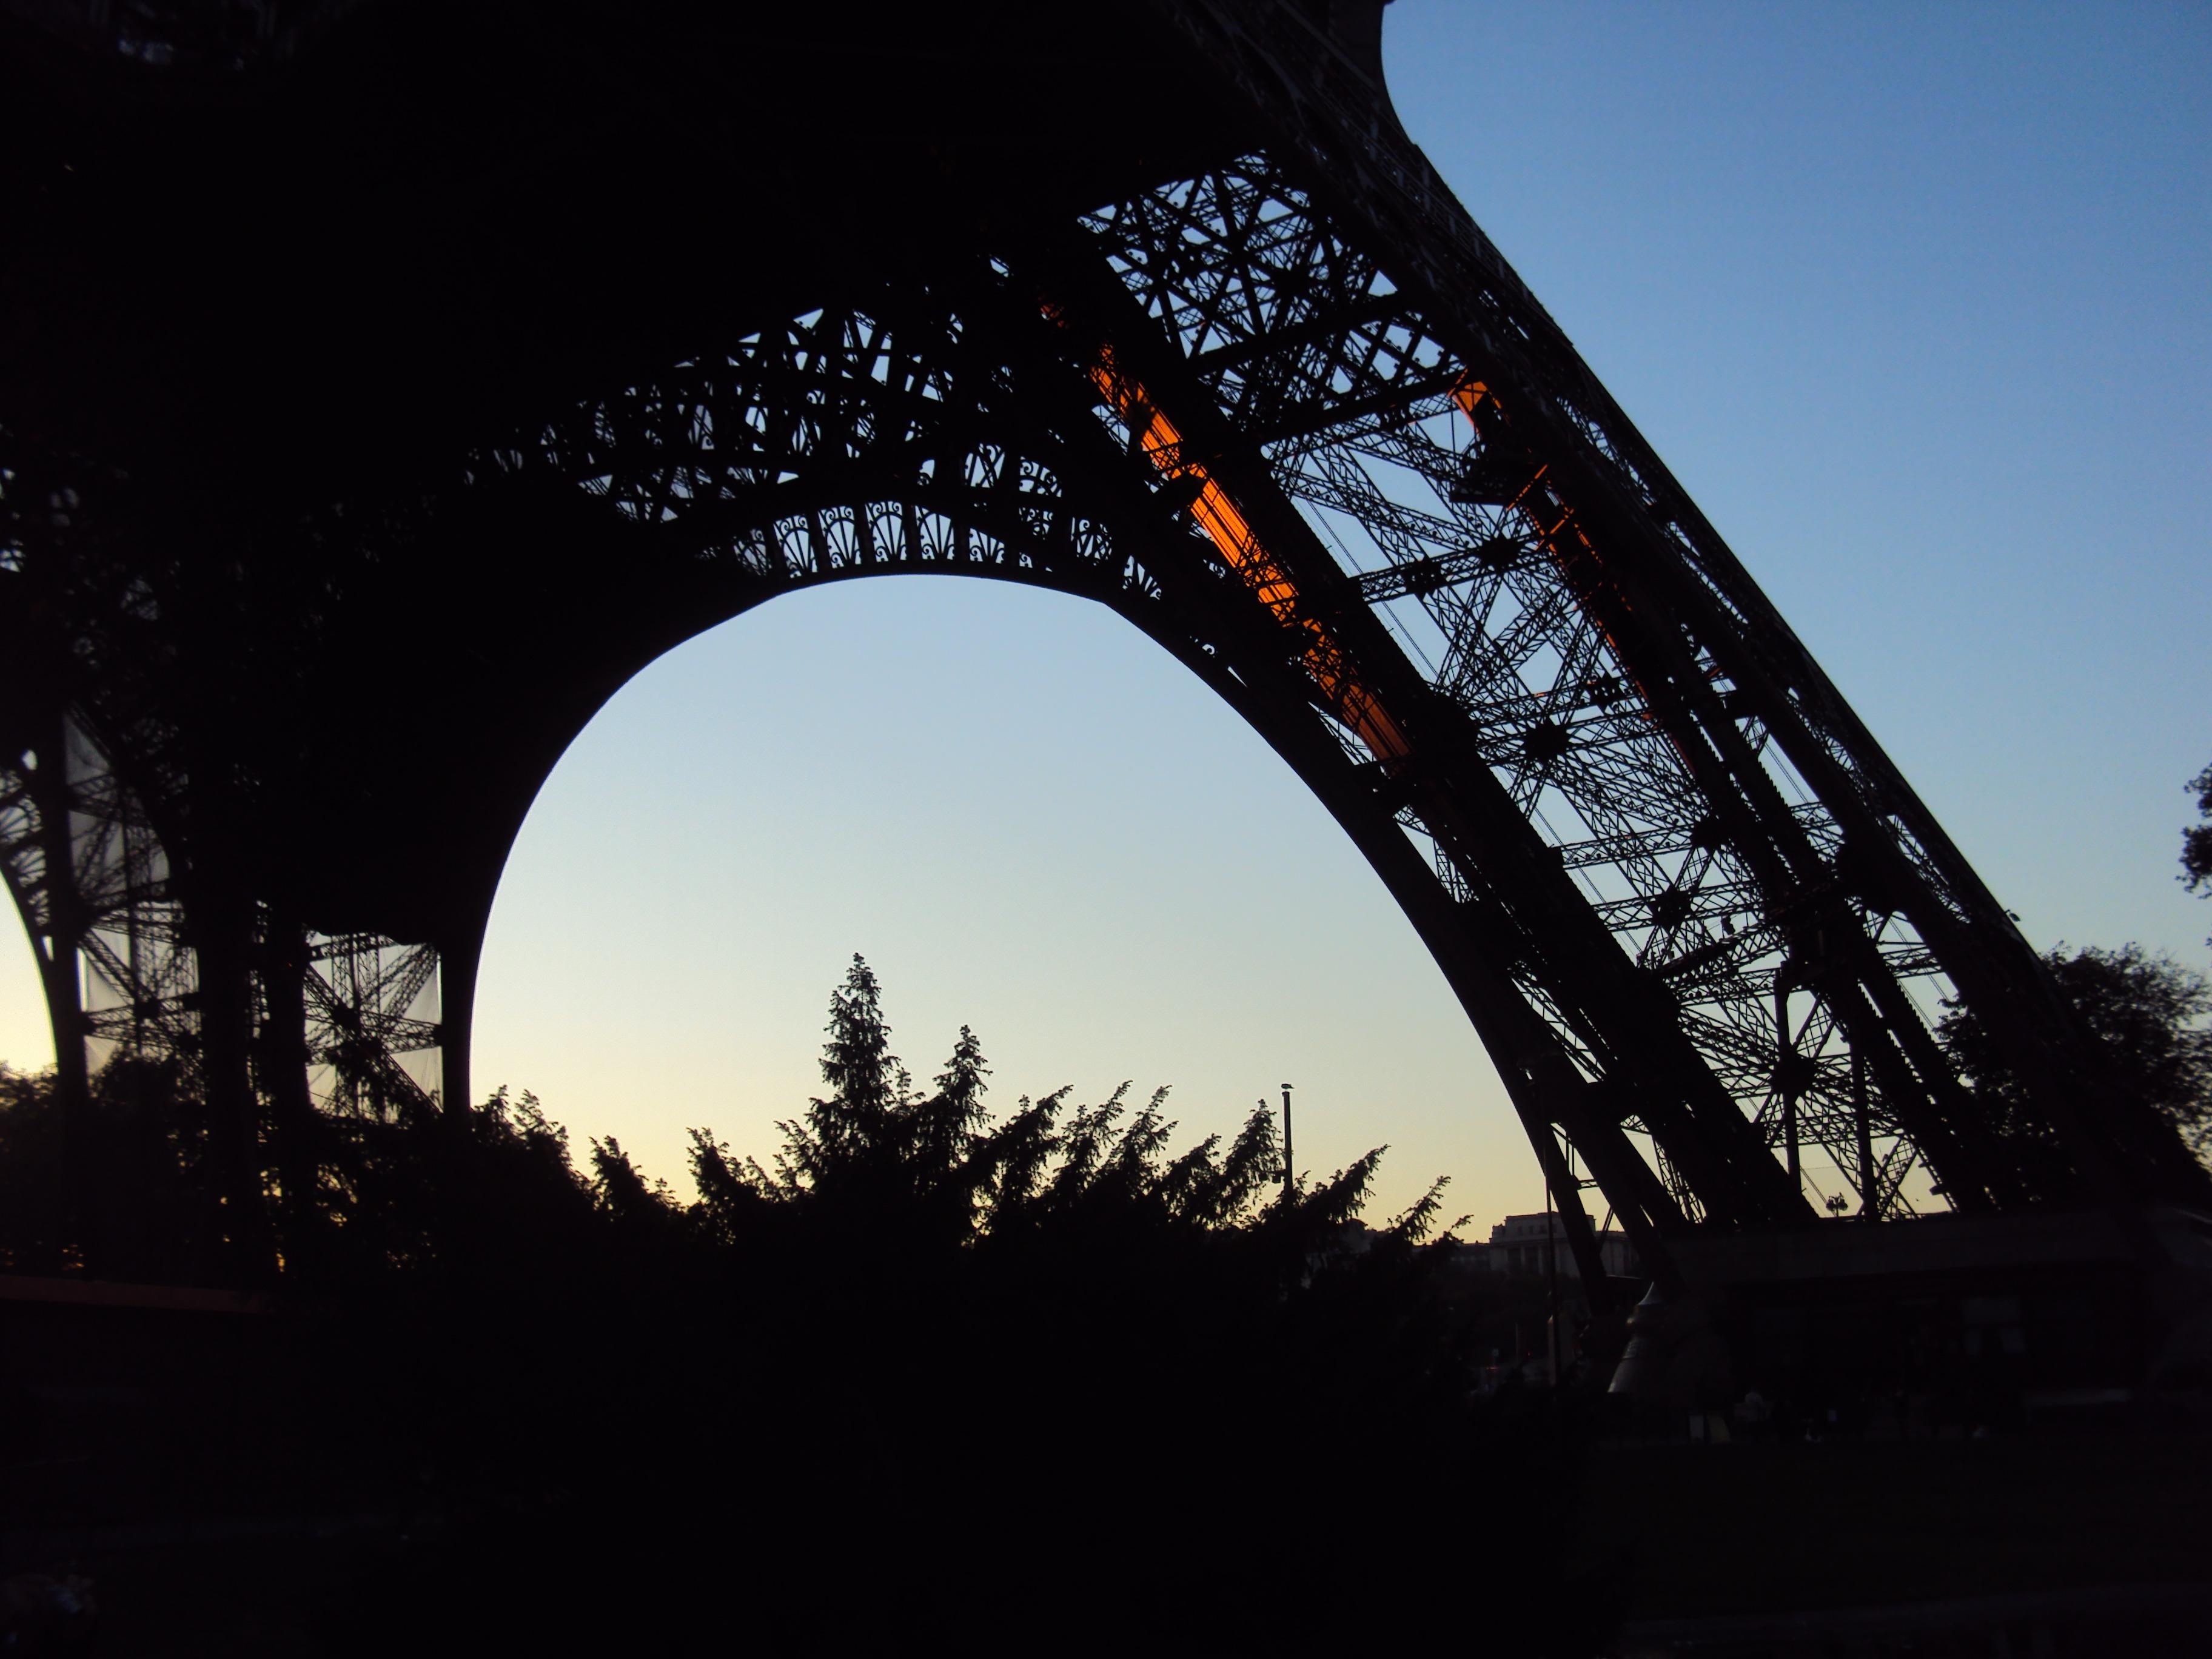 Günstig und praktisch in Paris unterwegs sein